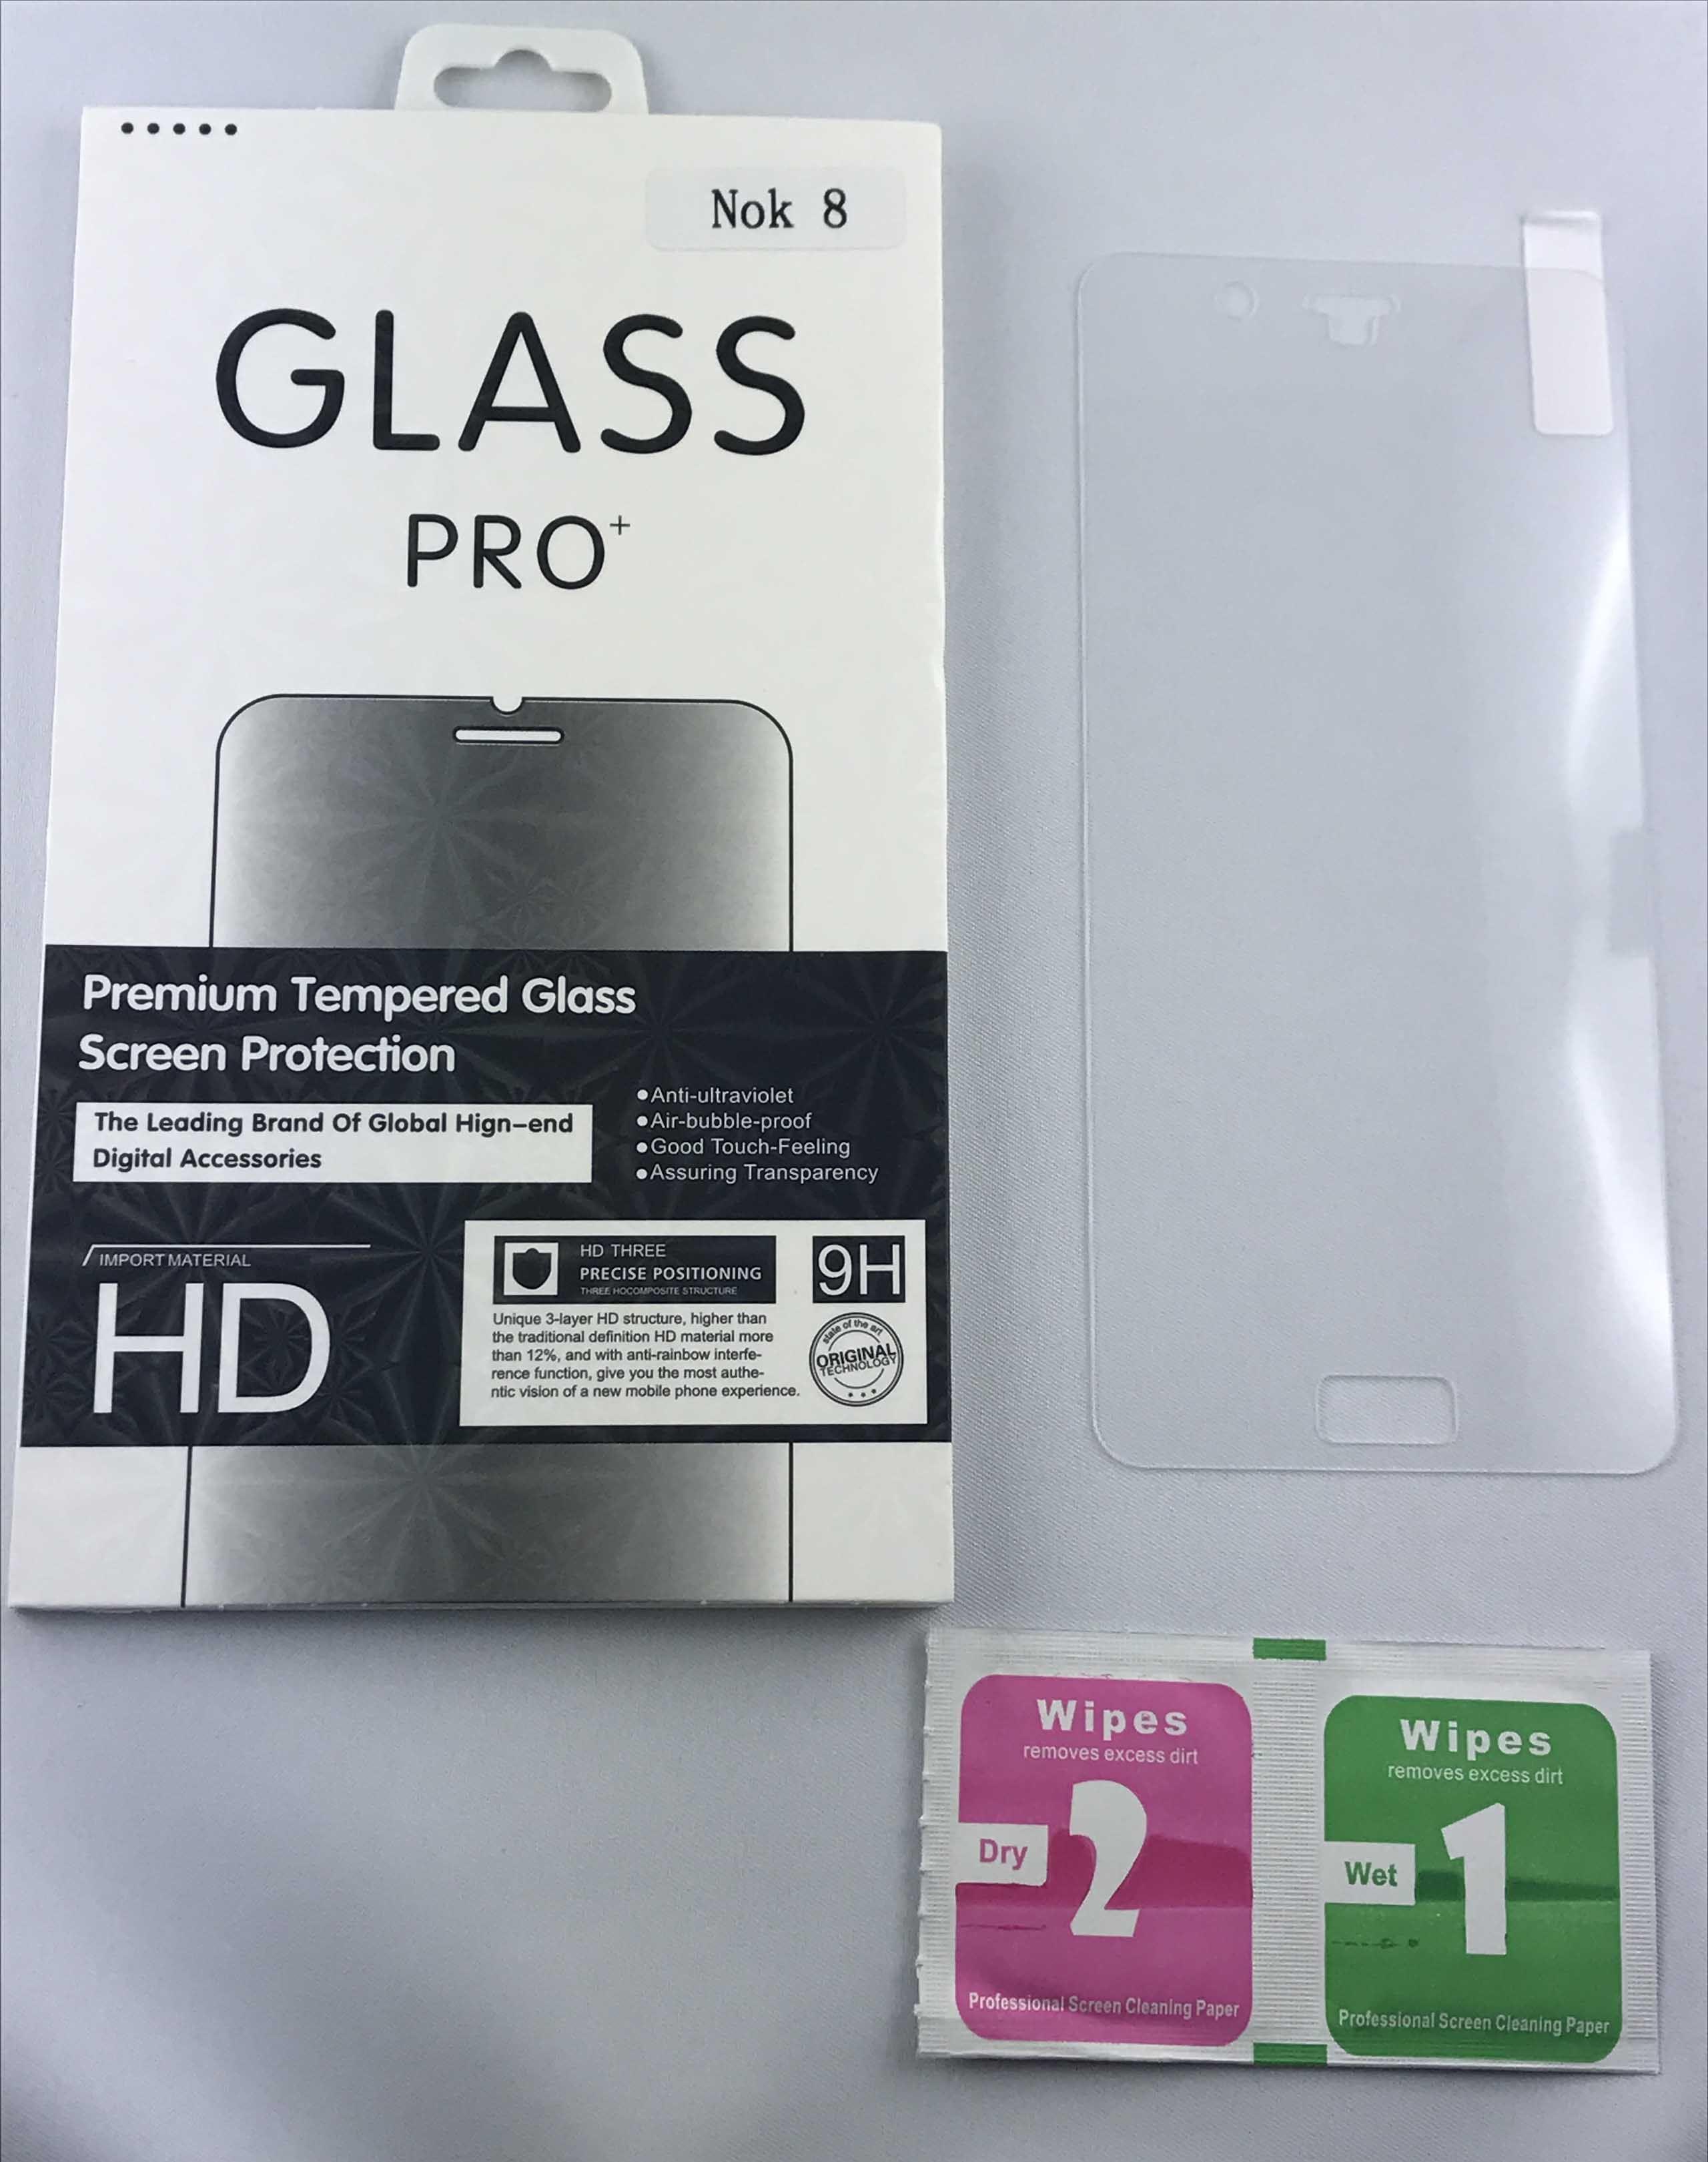 Szklo Hartowane Premium Glass Pro Do Nokia 8 Twardosc H 9h Grubosc 0 33 Mm Znajdziecie Je Na Naszych Aukcjach Allegro Glass Screen Tempered Glass Glass